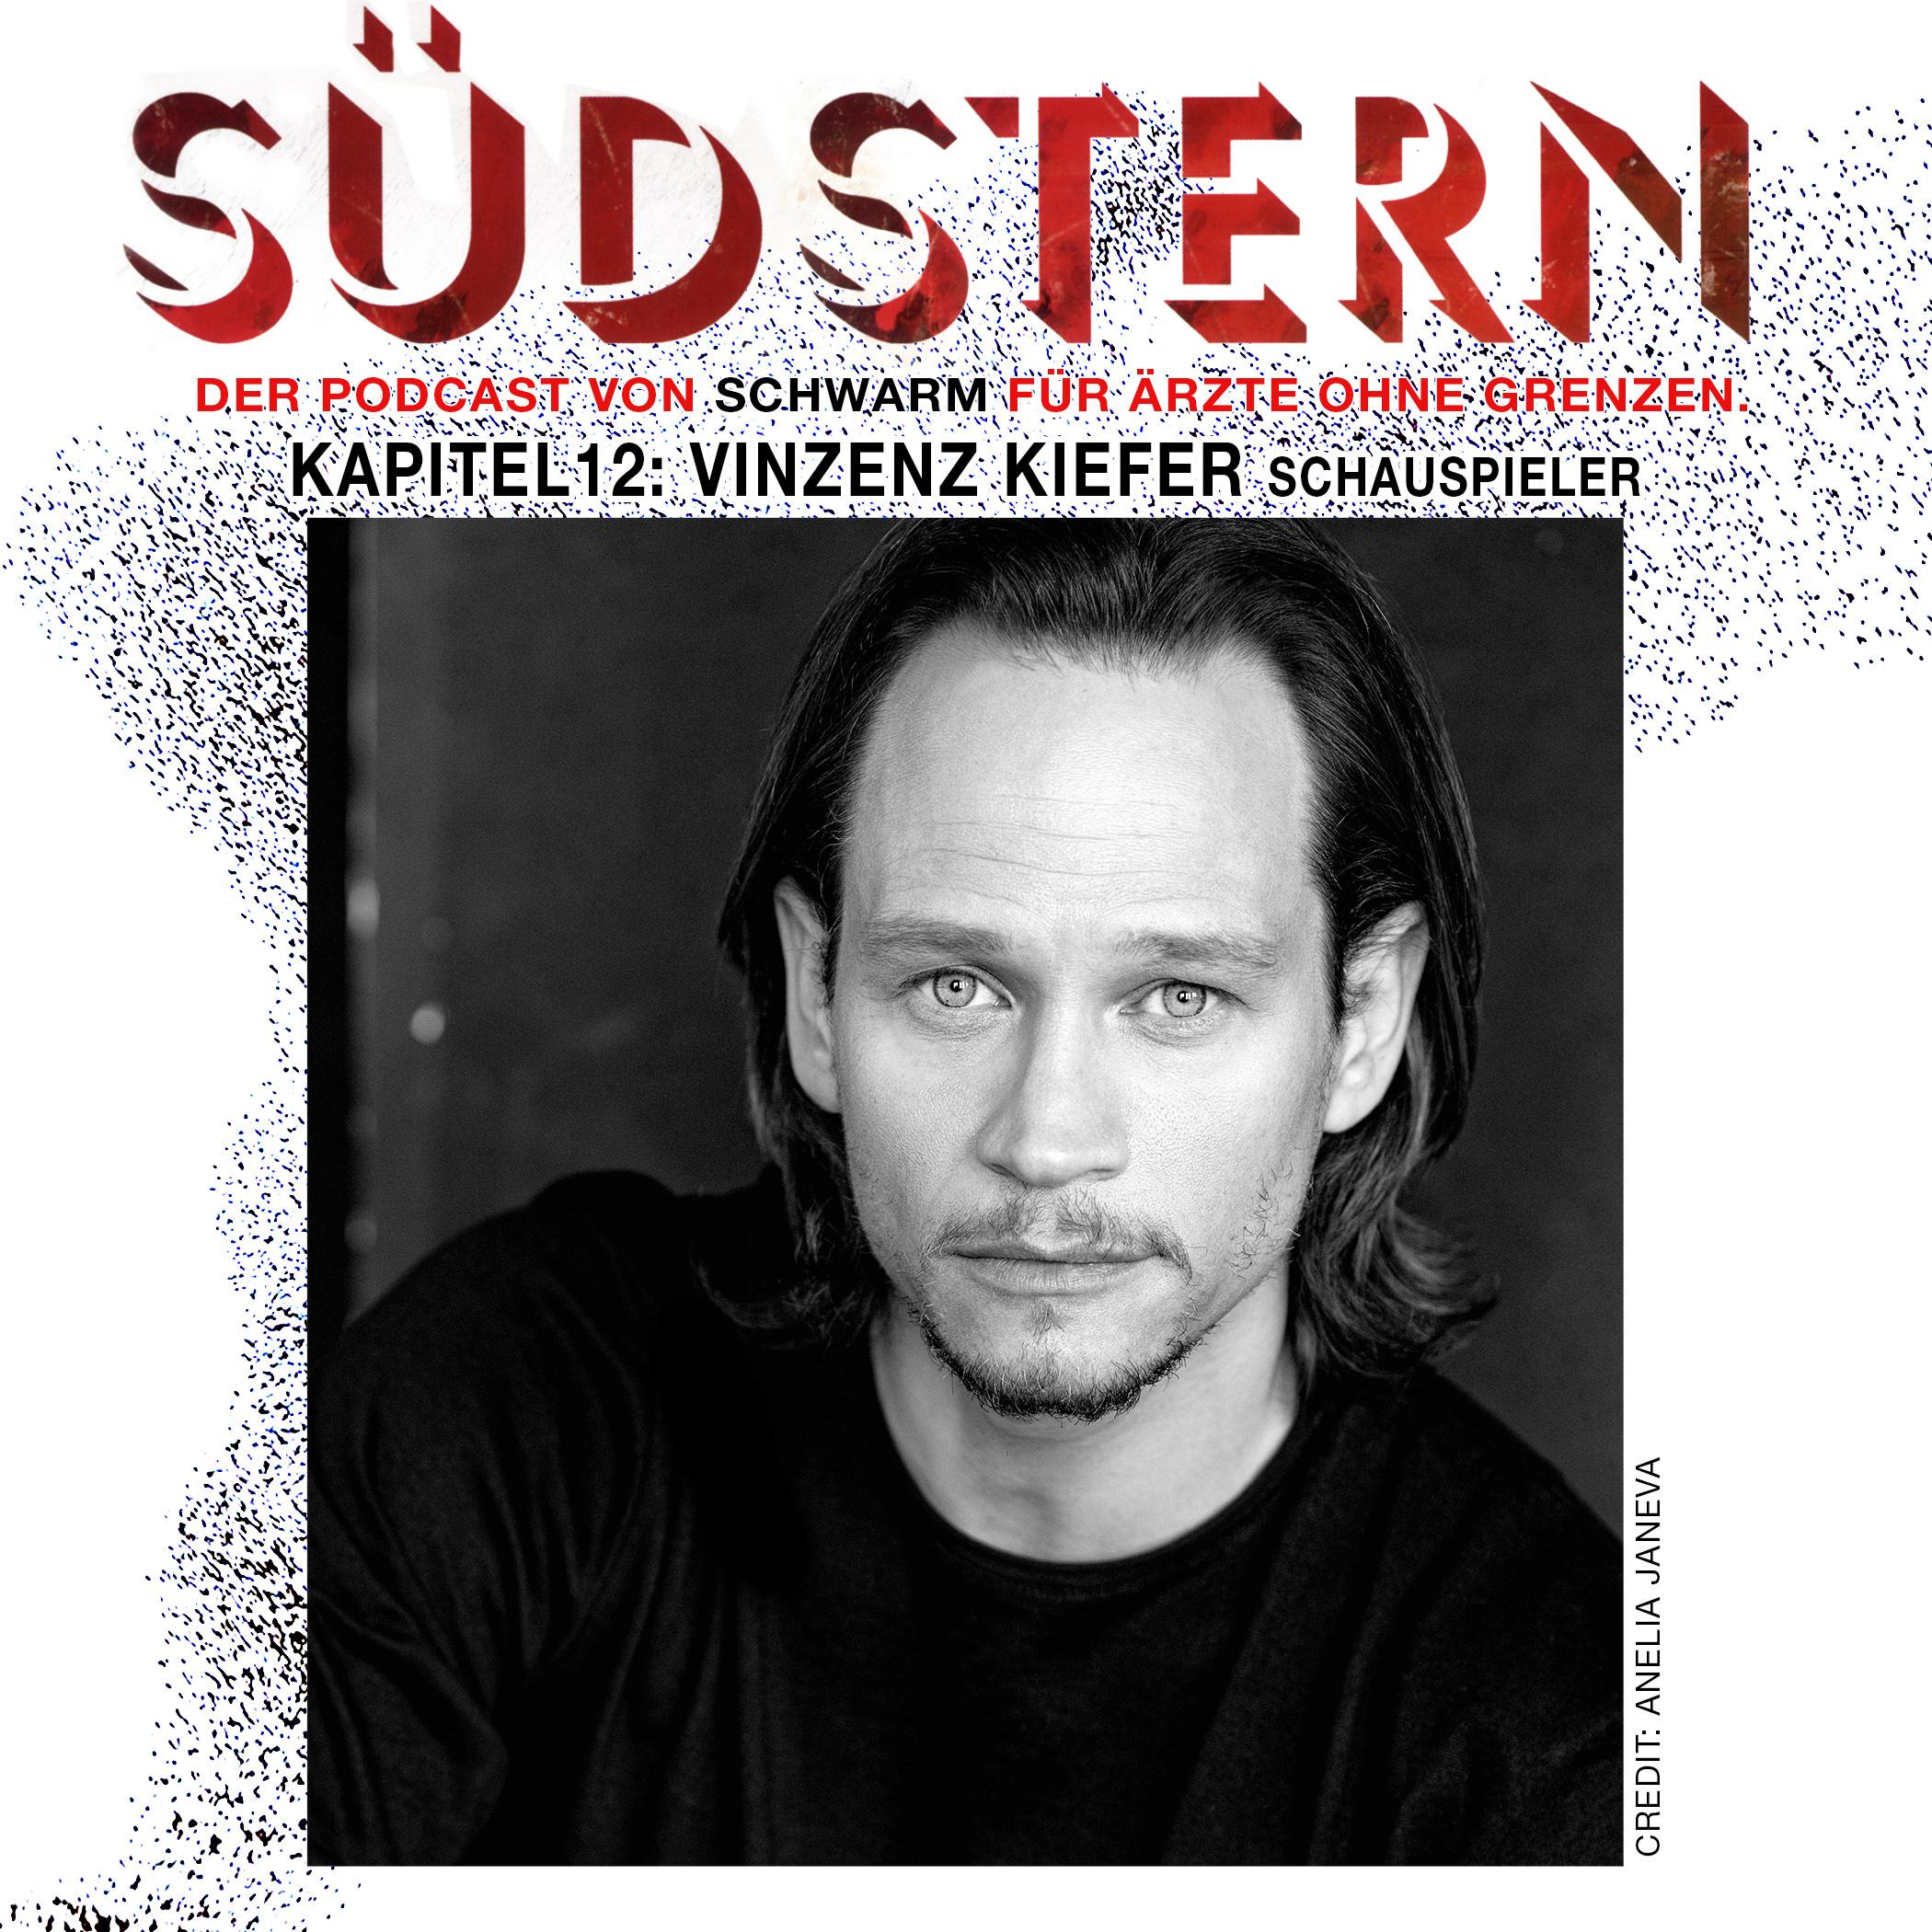 Kapitel12 gelesen von Vinzenz Kiefer